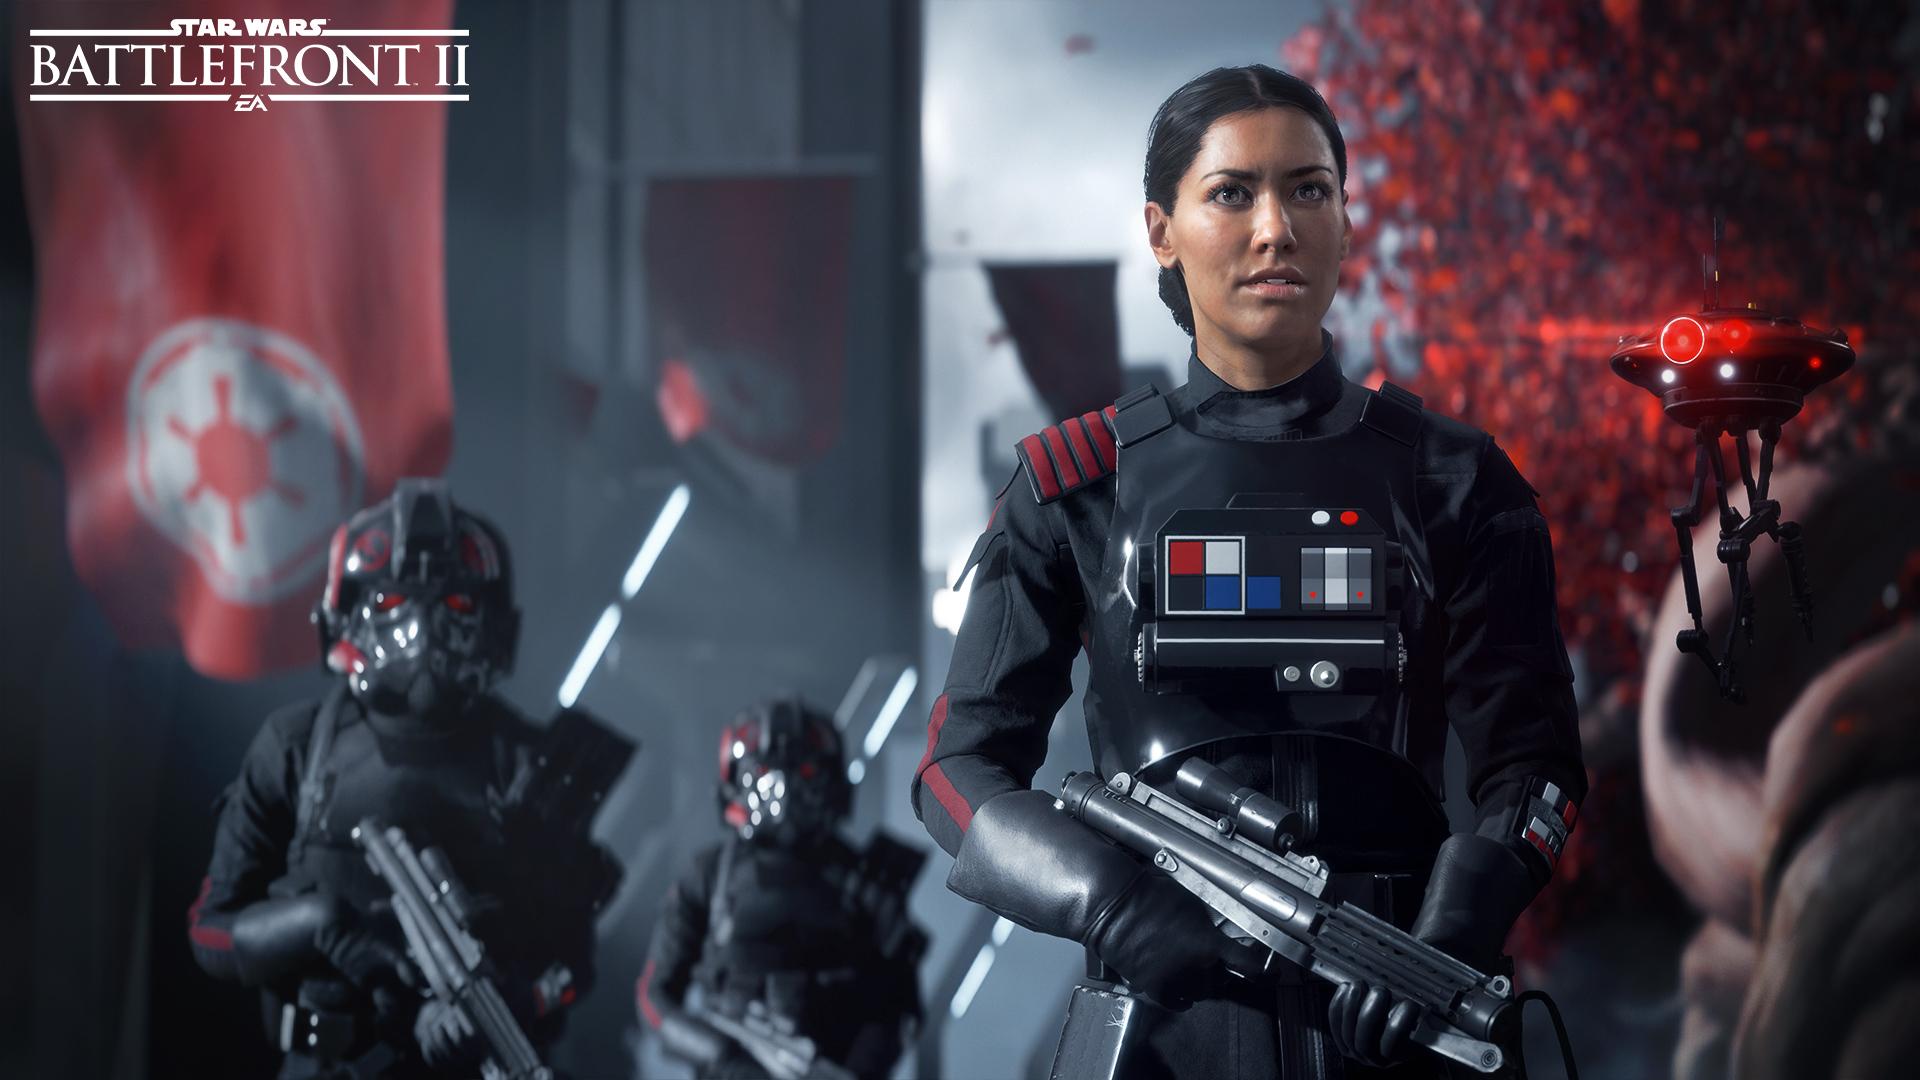 Star Wars Battlefront II tiene tanta historia que parece un spin-off de la saga